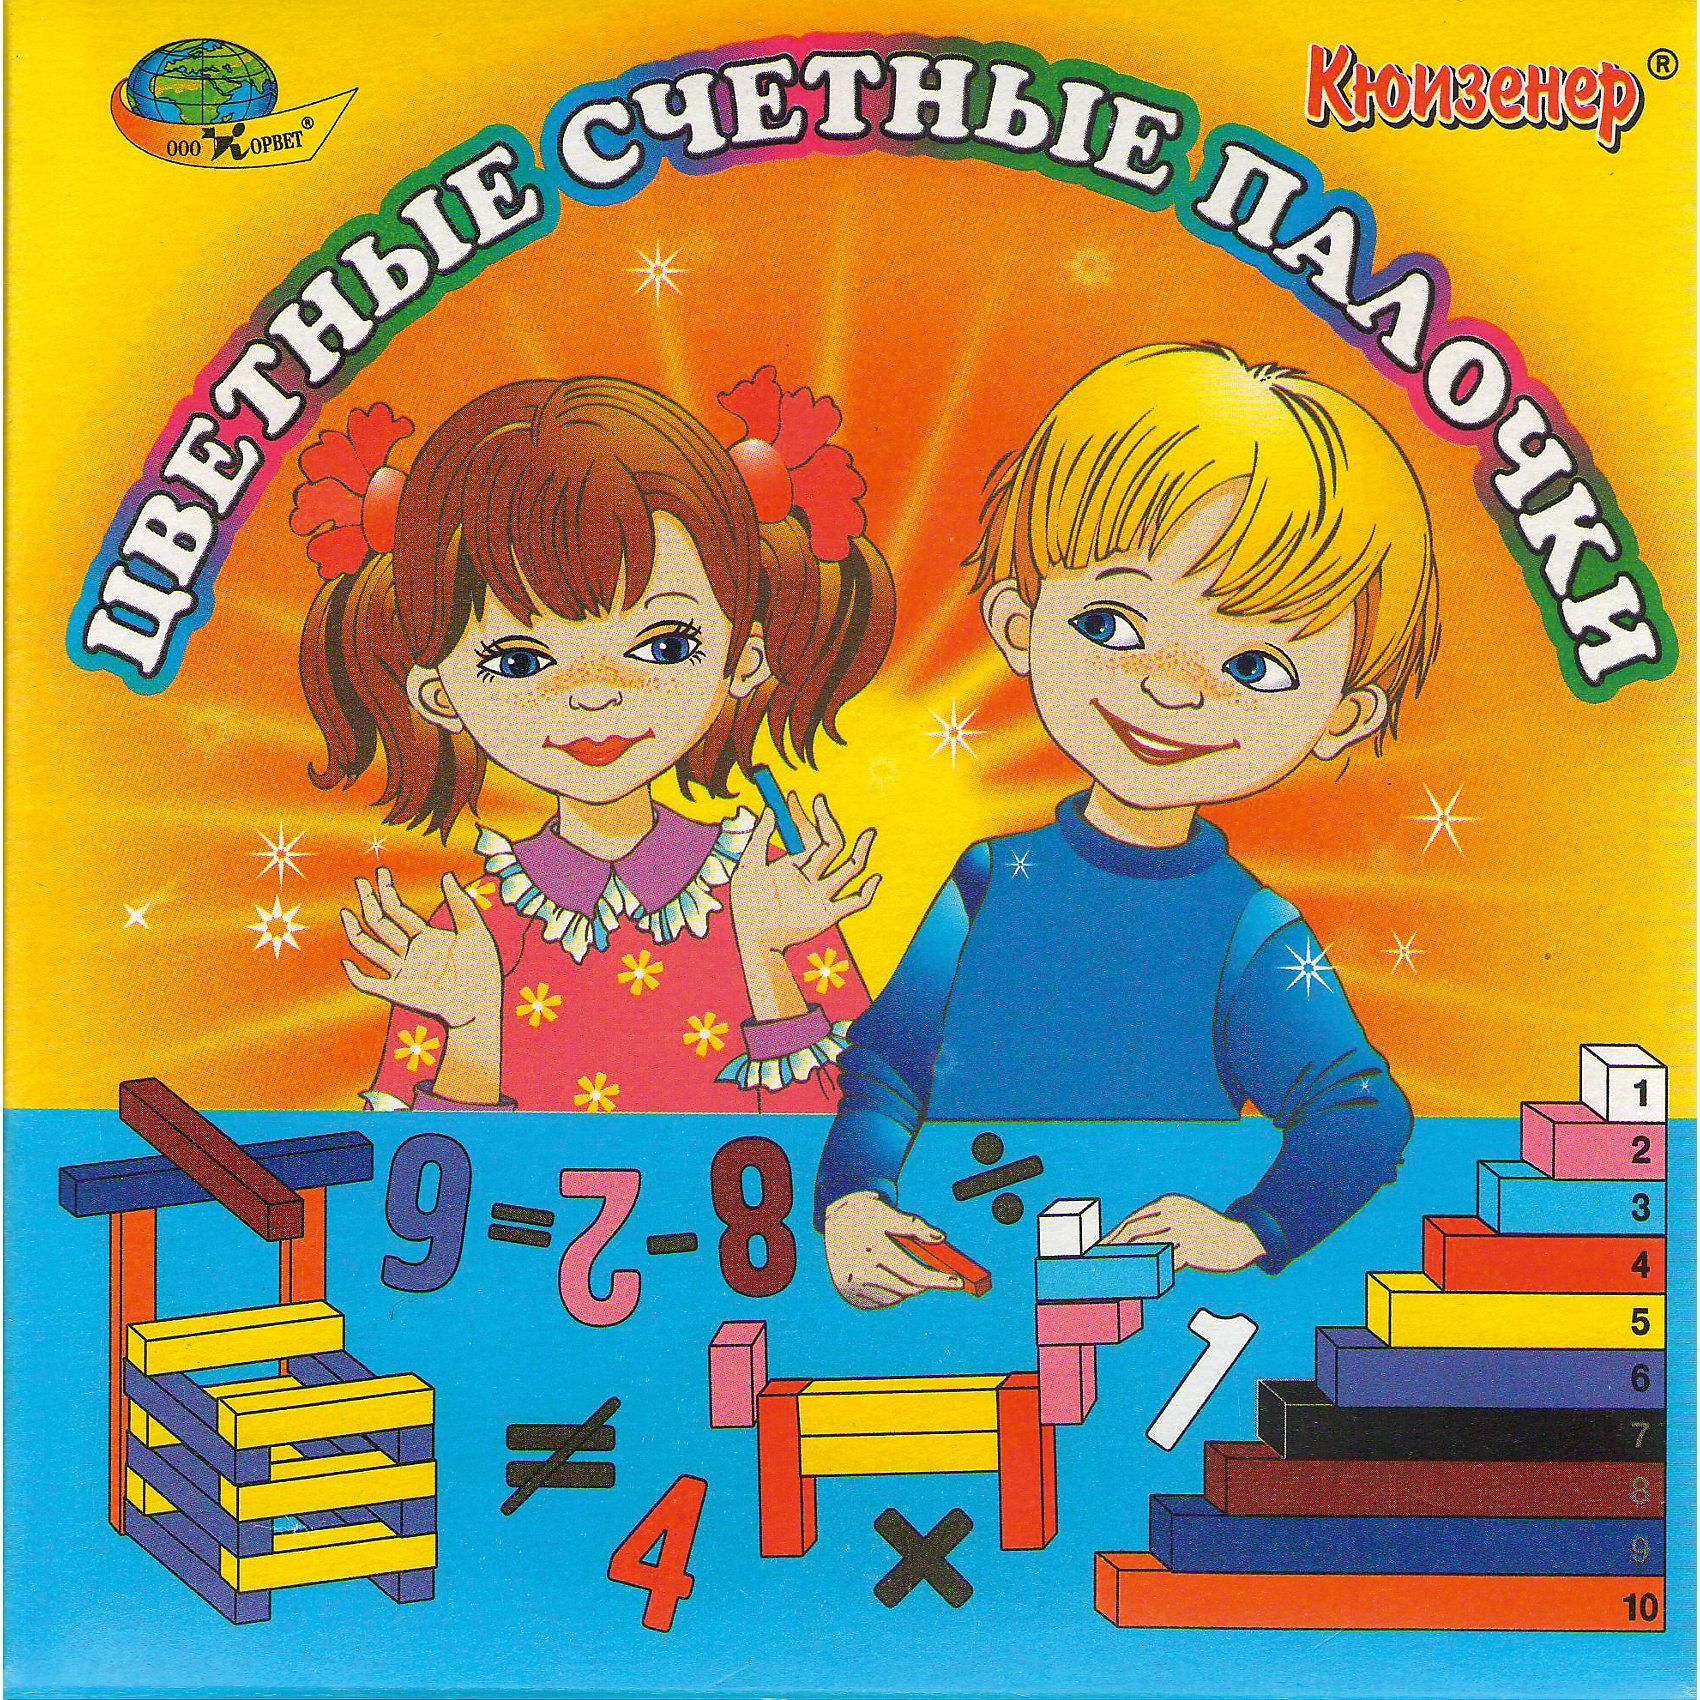 Цветные счетные палочки КюизенераОбучение счету<br>Каждая палочка – это число, выраженное цветом и величиной. С математической точки зрения палочки это множество, на котором легко обнаруживаются отношения эквивалентности и порядка. В этом множестве скрыты многочисленные математические ситуации. Цвет и величина, моделируя число, подводят детей к пониманию различных абстрактных понятий, возникающих в мышлении ребенка естественно как результат его самостоятельной практической деятельности. Использование «чисел в цвете» позволяет одновременно развить у детей представление о числе на основе счета и измерения. К выводу, что число появляется на основе счета и измерения, дети приходят на базе практической деятельности, в результате разнообразных упражнений. С помощью цветных палочек детей также легко подвести к осознанию отношений больше - меньше, больше – меньше на…, научить делить целое на части и измерять объекты условными мерками, поупражнять в запоминании состава чисел из единиц и меньших чисел, подойти вплотную к сложению, умножению, вычитанию и делению чисел. Кроме этого, играя с палочками, дети осваивают такие понятия как «левое», «длинное», «между», «каждый», «одна из…», «какой-нибудь», «быть одного и того же цвета», «быть не голубого цвета», «иметь одинаковую длину» и др. Комплект состоит из 116 пластмассовых призм 10-ти различных цветов и форм. Наименьшая призма имеет длину 10 мм и является кубом. Выбор цвета преследует цель облегчить использование комплекта. Палочки 2,4,8 образуют «красную семью», 3,6,9 – «синюю семью». «Семейство желтых» составляют 5 и 10. Подбор палочек в одно семейство (класс) происходит не случайно, а связан с определенным соотношением их по величине. Например, в семейство красных входят числа кратные двум и т.д. В каждом из наборов действует правило: чем больше длина палочки, тем больше значение того числа, которое она выражает.<br><br>Ширина мм: 17<br>Глубина мм: 7<br>Высота мм: 4<br>Вес г: 300<br>Возраст от месяцев: 36<br>Возраст до месяц